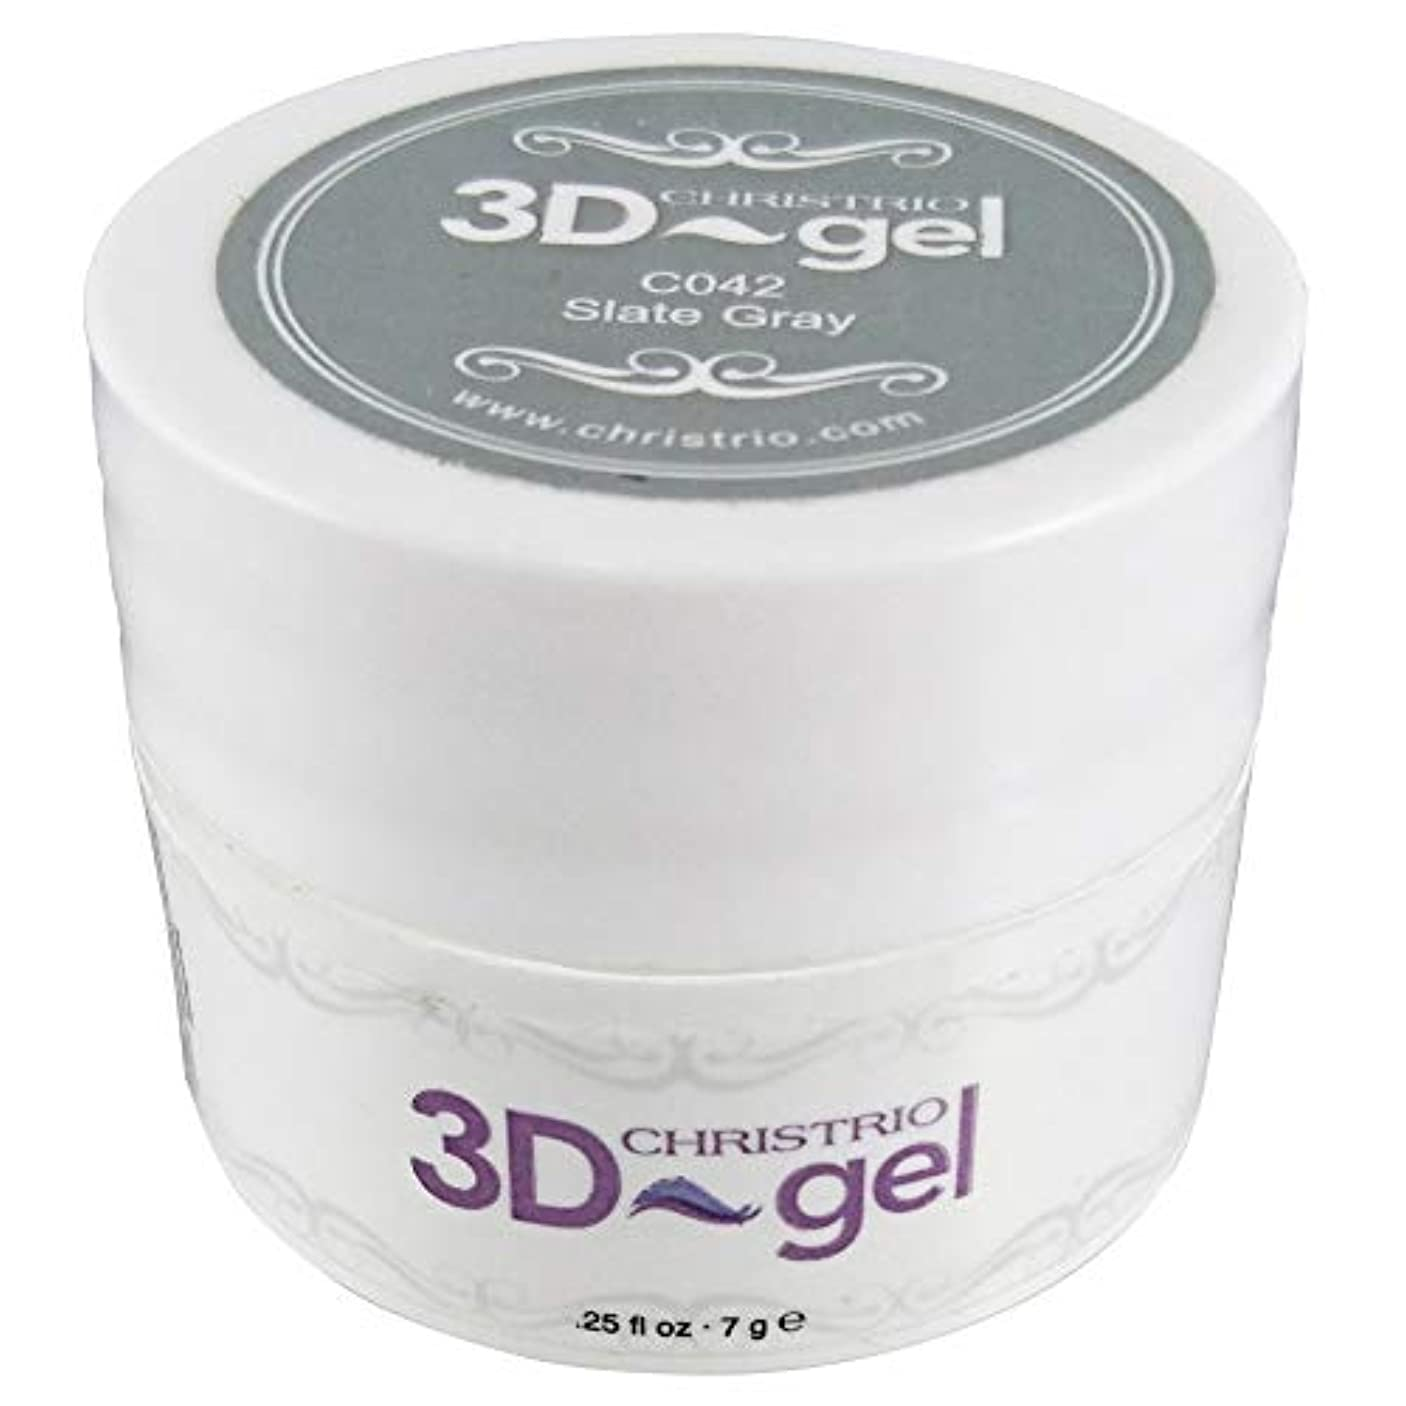 ビジュアル偏見貫入CHRISTRIO 3Dジェル 7g C042 スレートグレイ